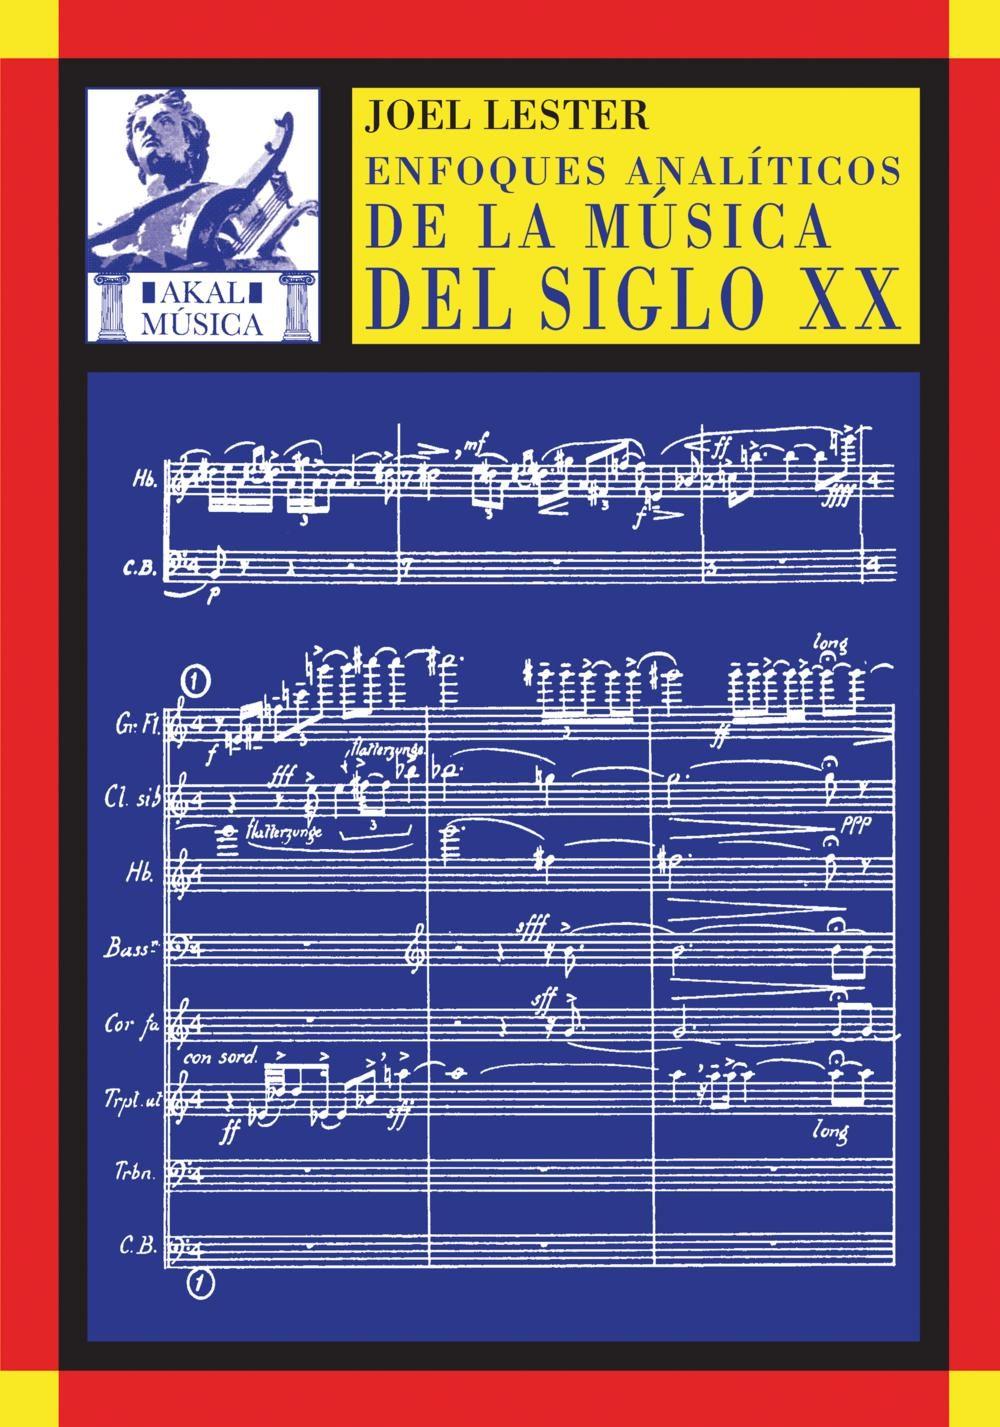 enfoques analiticos de la musica del siglo xx-9788446016922